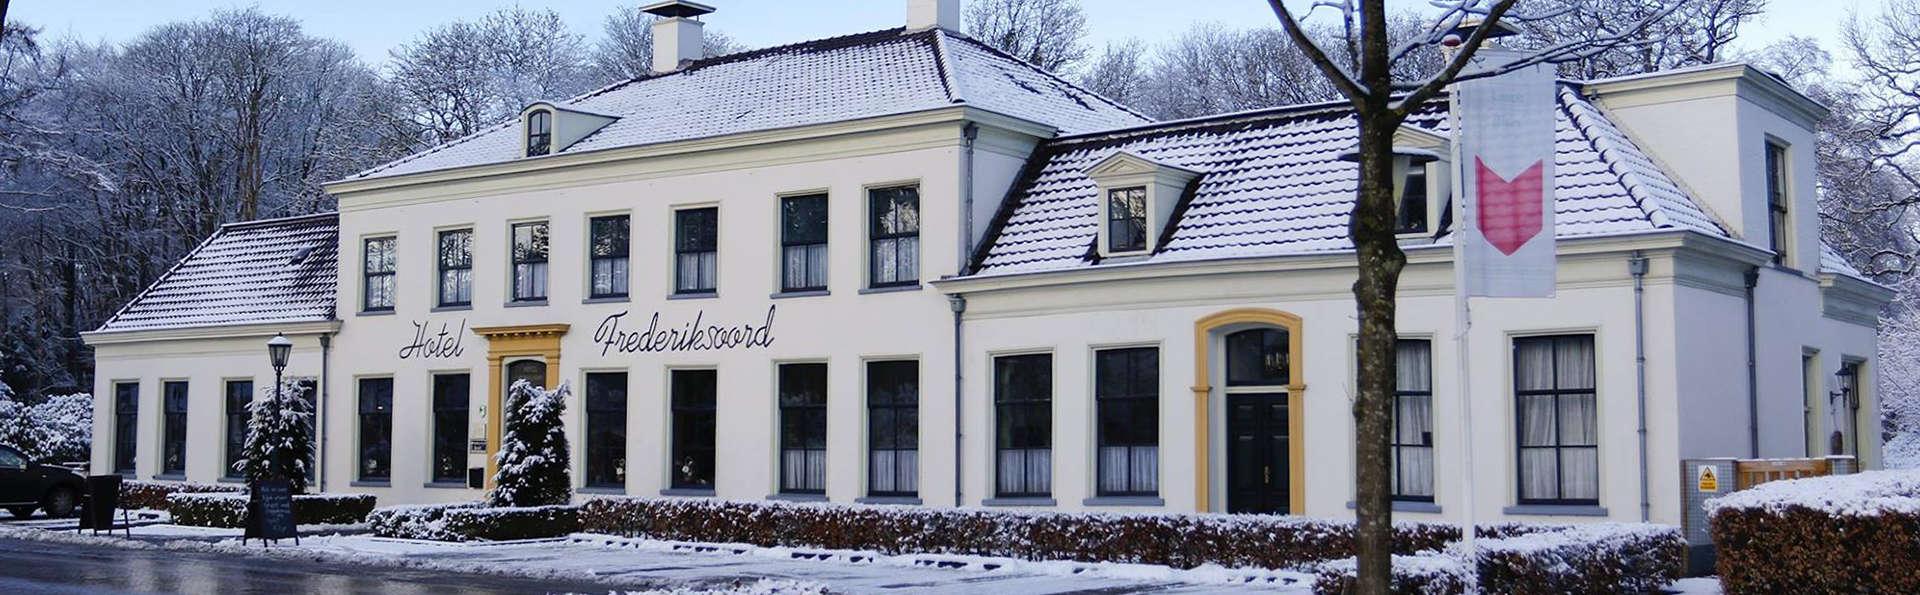 Hotel Frederiksoord - Edit_Front2.jpg